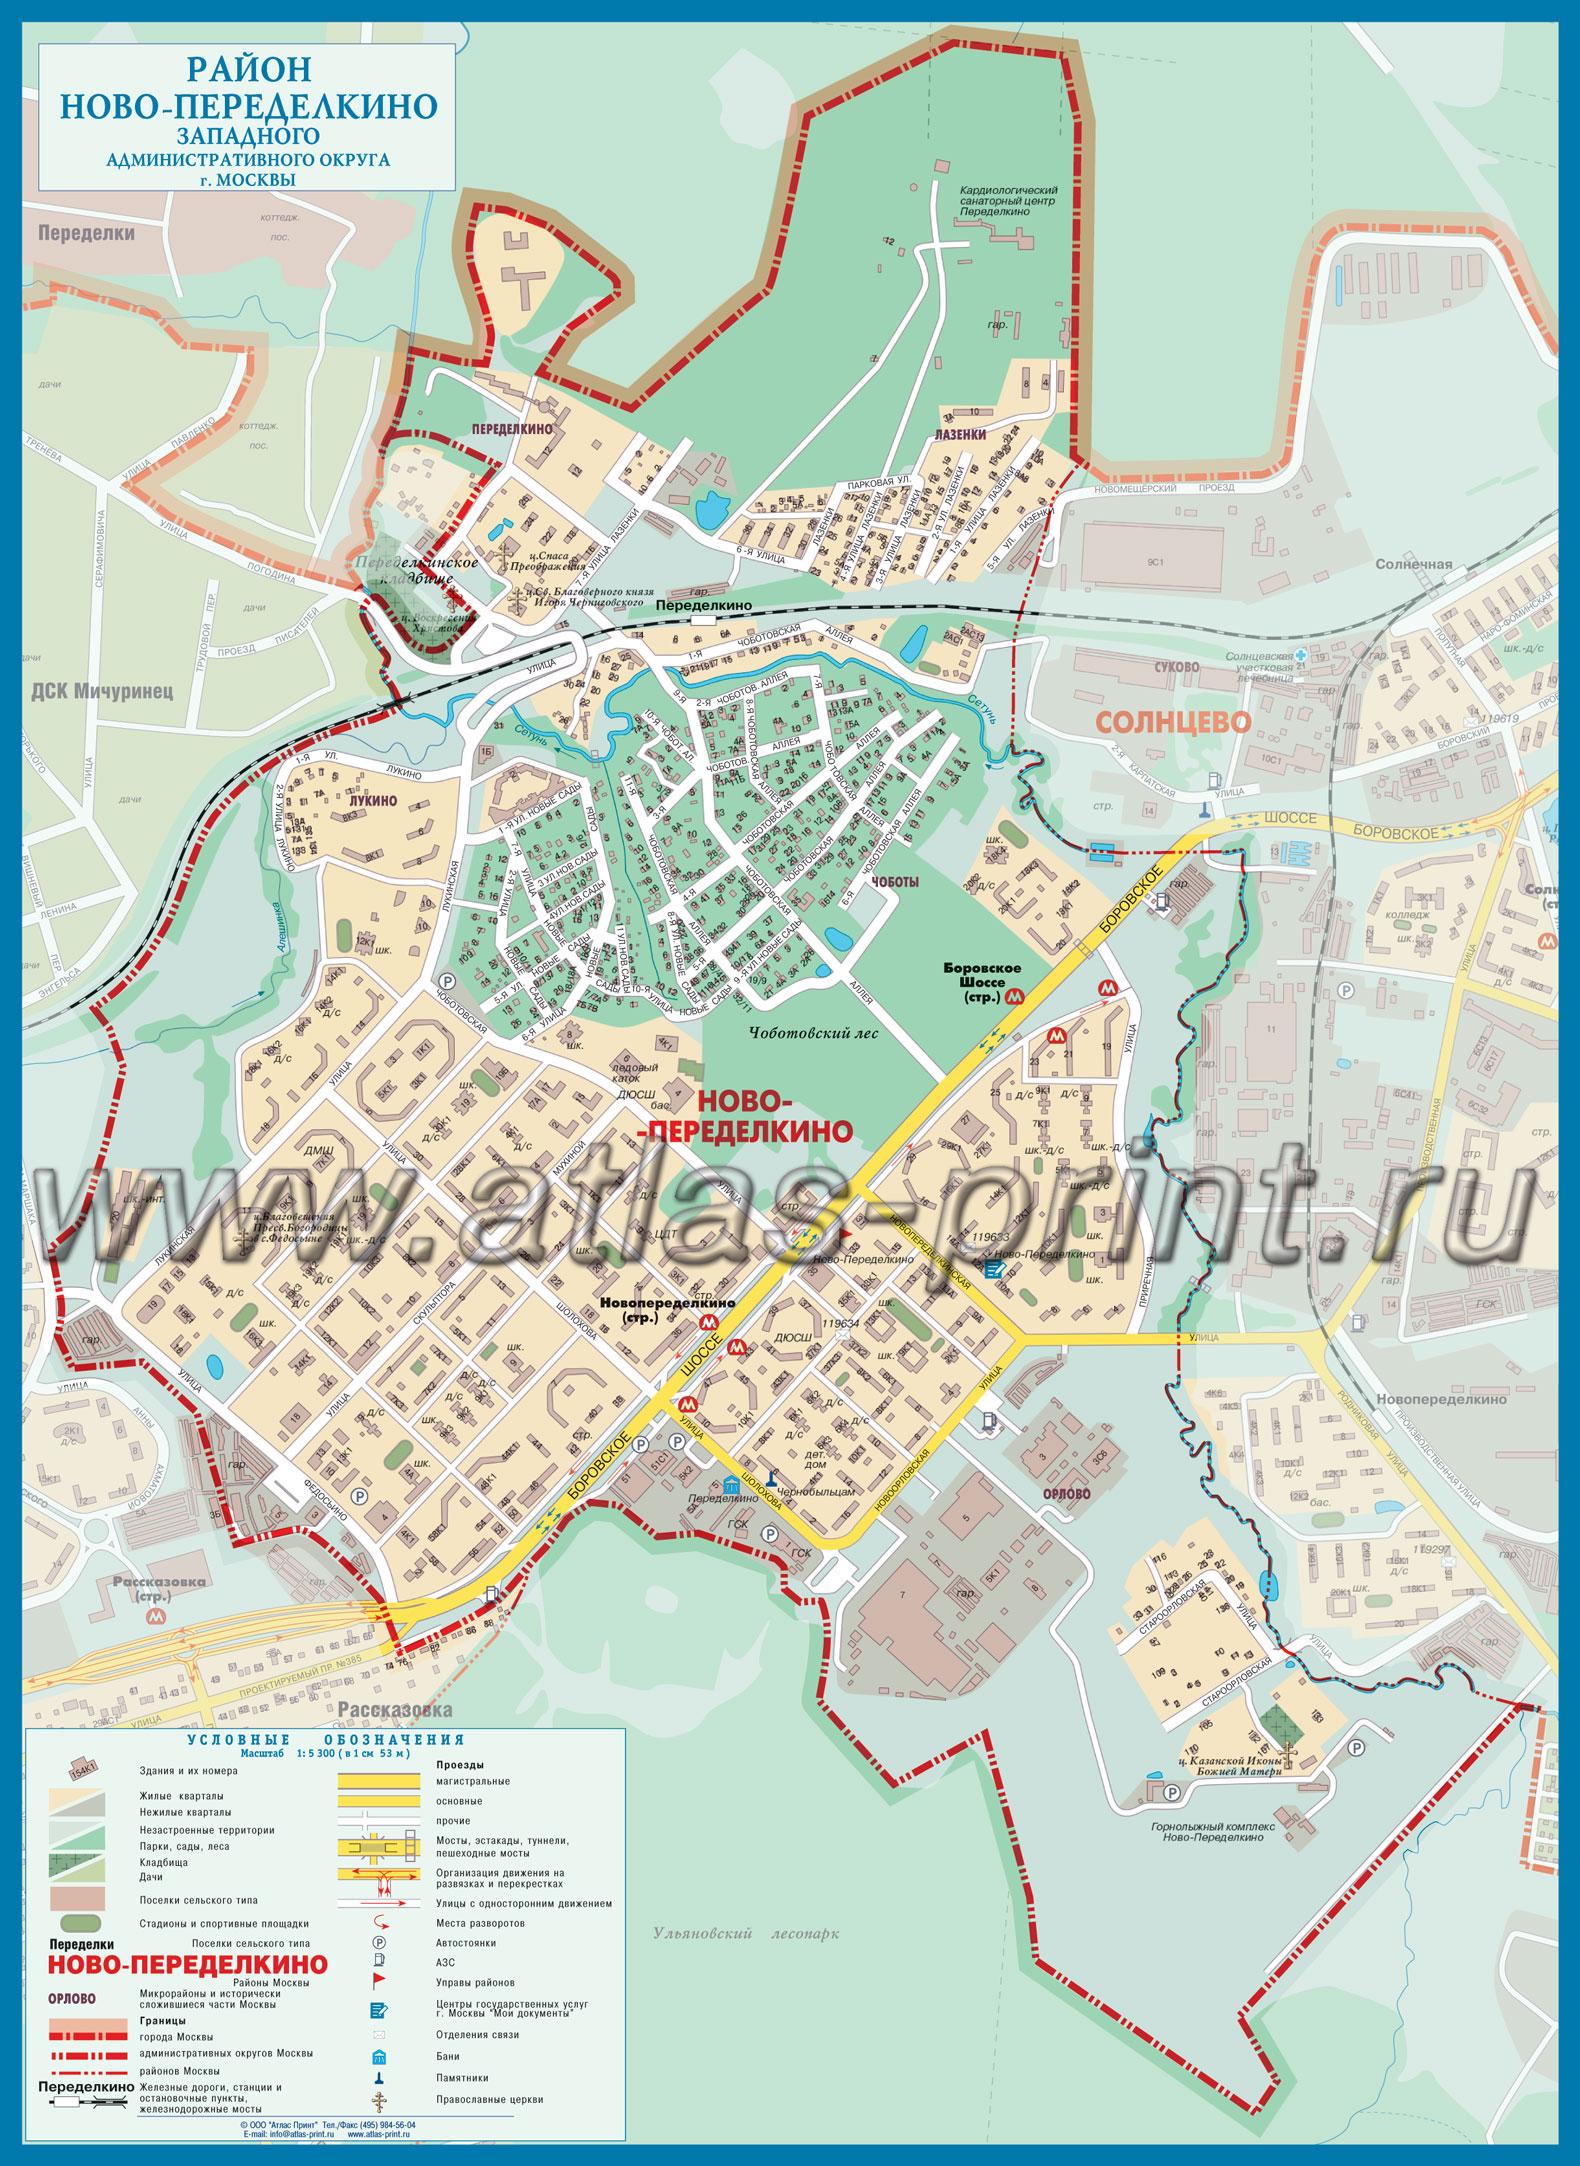 Настенная карта района НОВО-ПЕРЕДЕЛКИНО (ЗАО) г.Москвы 0,73*1,00 м, ламинированная